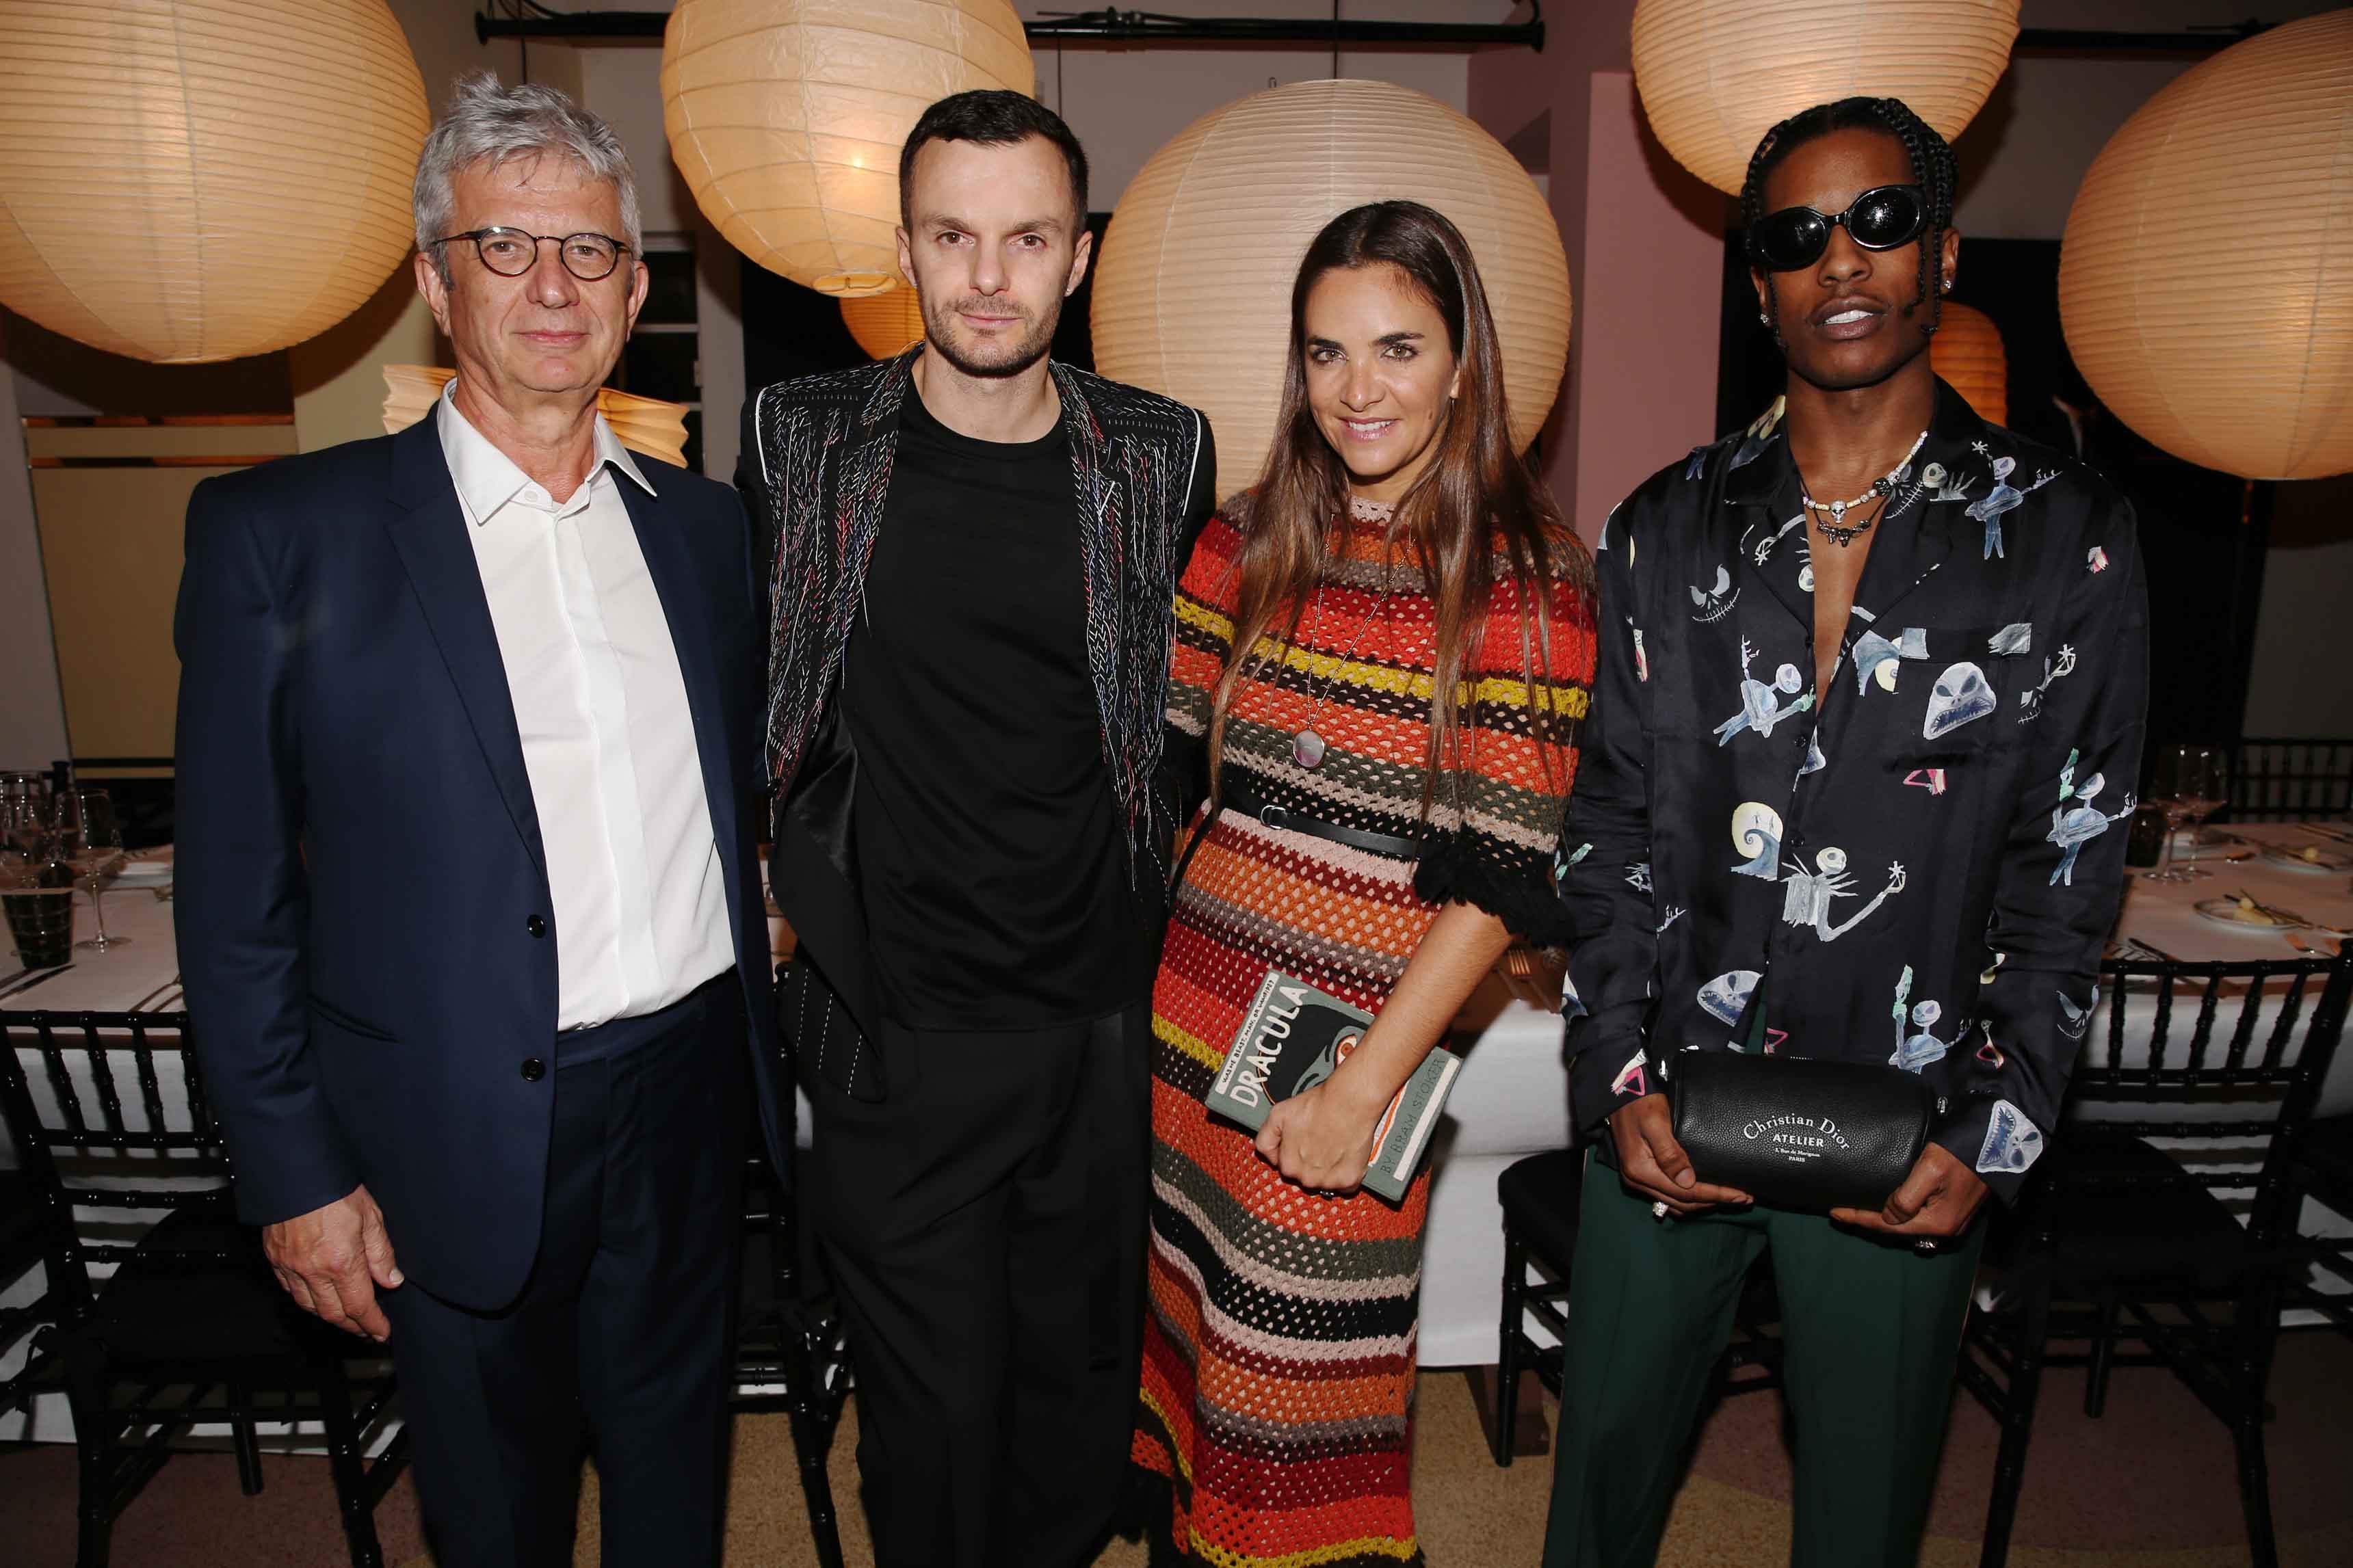 François Laffanour, Kris Van Assche, Laure Heriard Dubreuil et A$AP Rocky (photo par Saskia Lawaks)